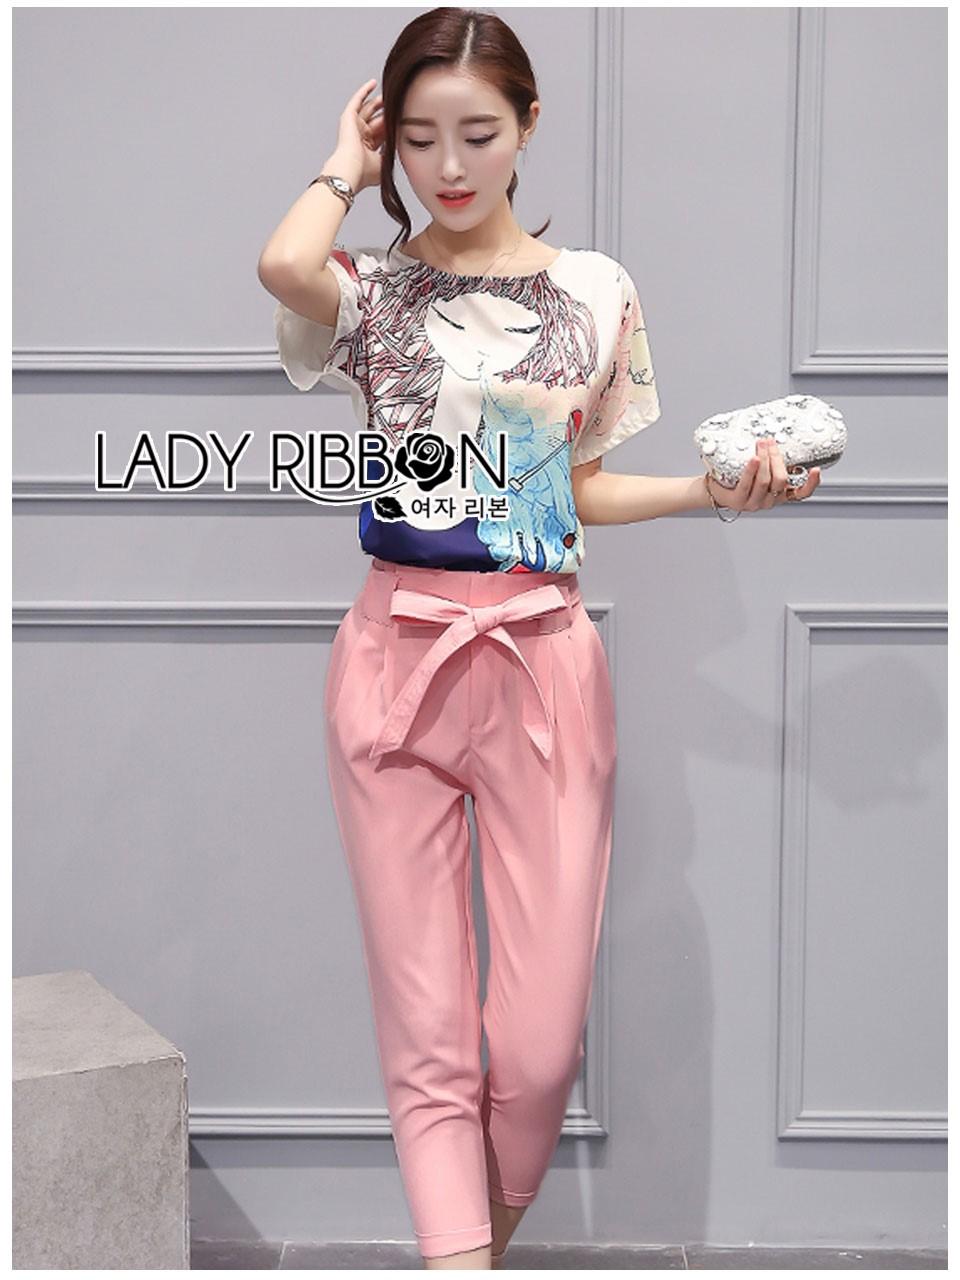 เซ็ตเสื้อโพลีเอสเตอร์พิมพ์ลายภาพวาดและกางเกงขายาวสีชมพูผูกโบว์ ตัวเสื้อเป็นแขนสั้นคอกลม ด้านหน้าพิมพ์ลายภาพวาดอิลลัสเตรชั่นรูปผู้หญิง ด้านหลังเป็นสีขาวเรียบ ที่เอวด้านหลังกางเกงเป็นยางยืด ผูกโบที่เอว